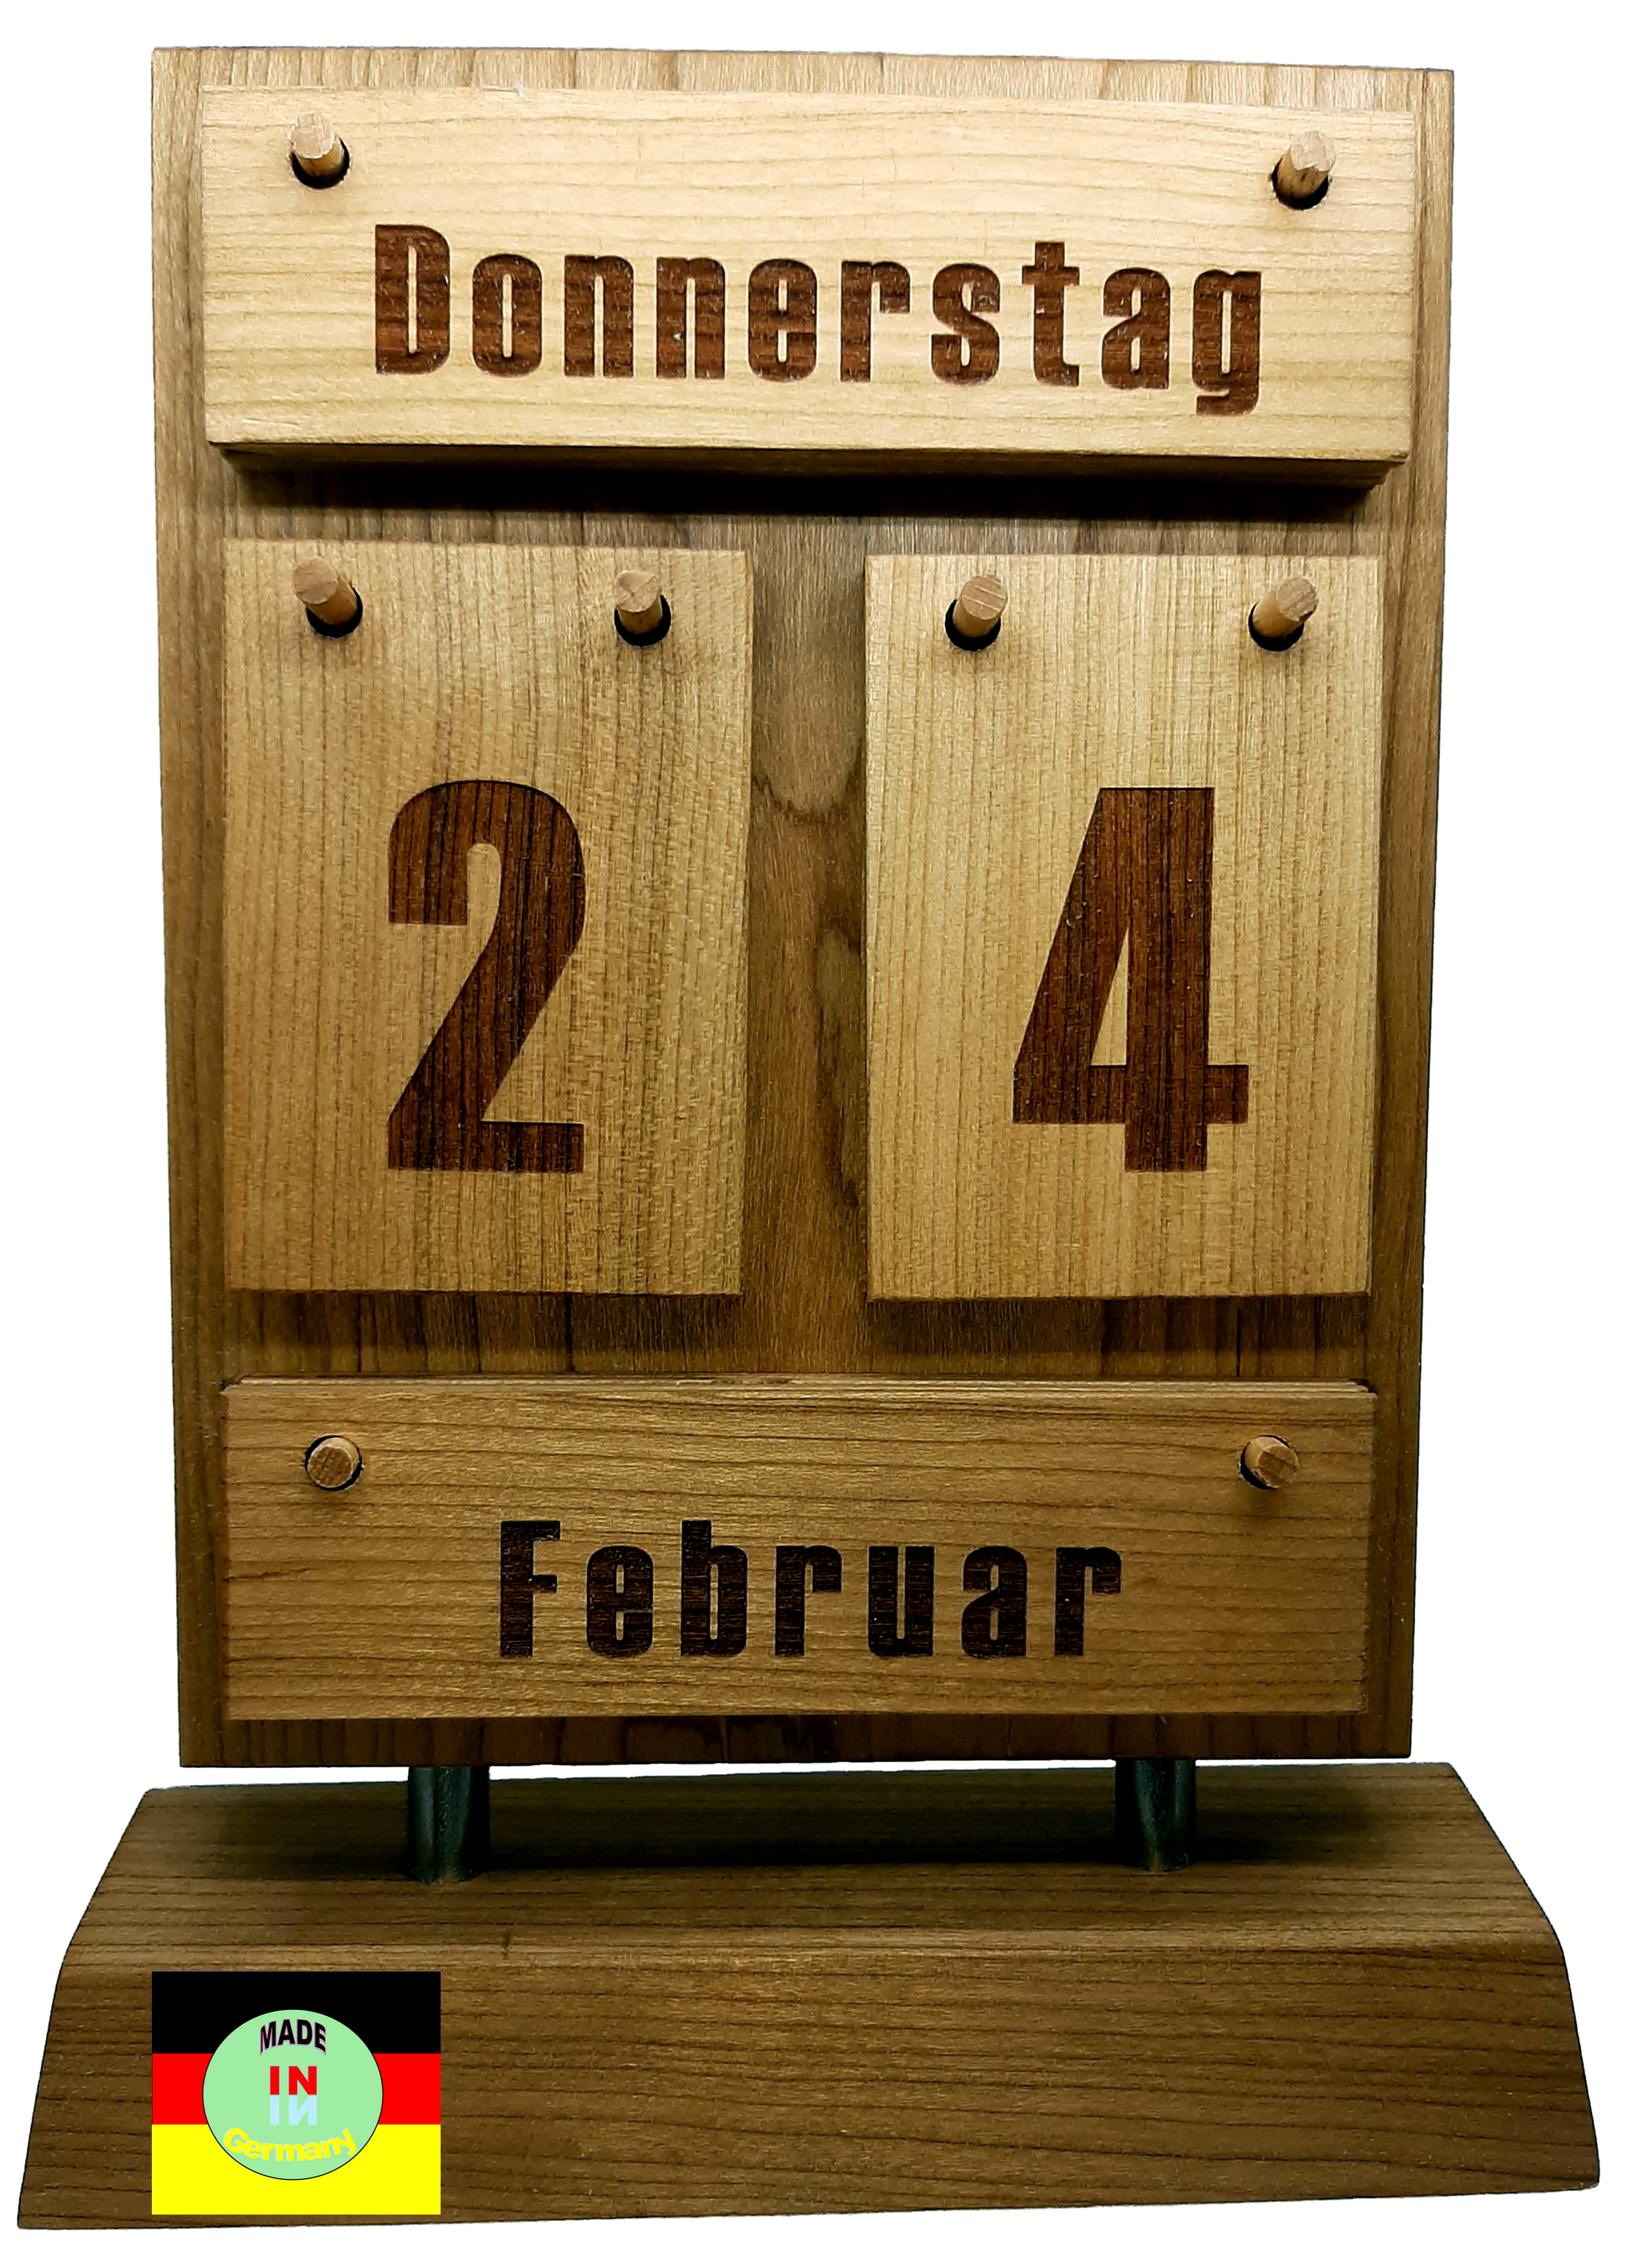 Tischkalender HOLZmini, Holz Accessoires aus edlem Kirschholz. Made in Germanie. Von BEHINDERTENWERKSTATT liebevoll in HANDARBEIT gefertigt.